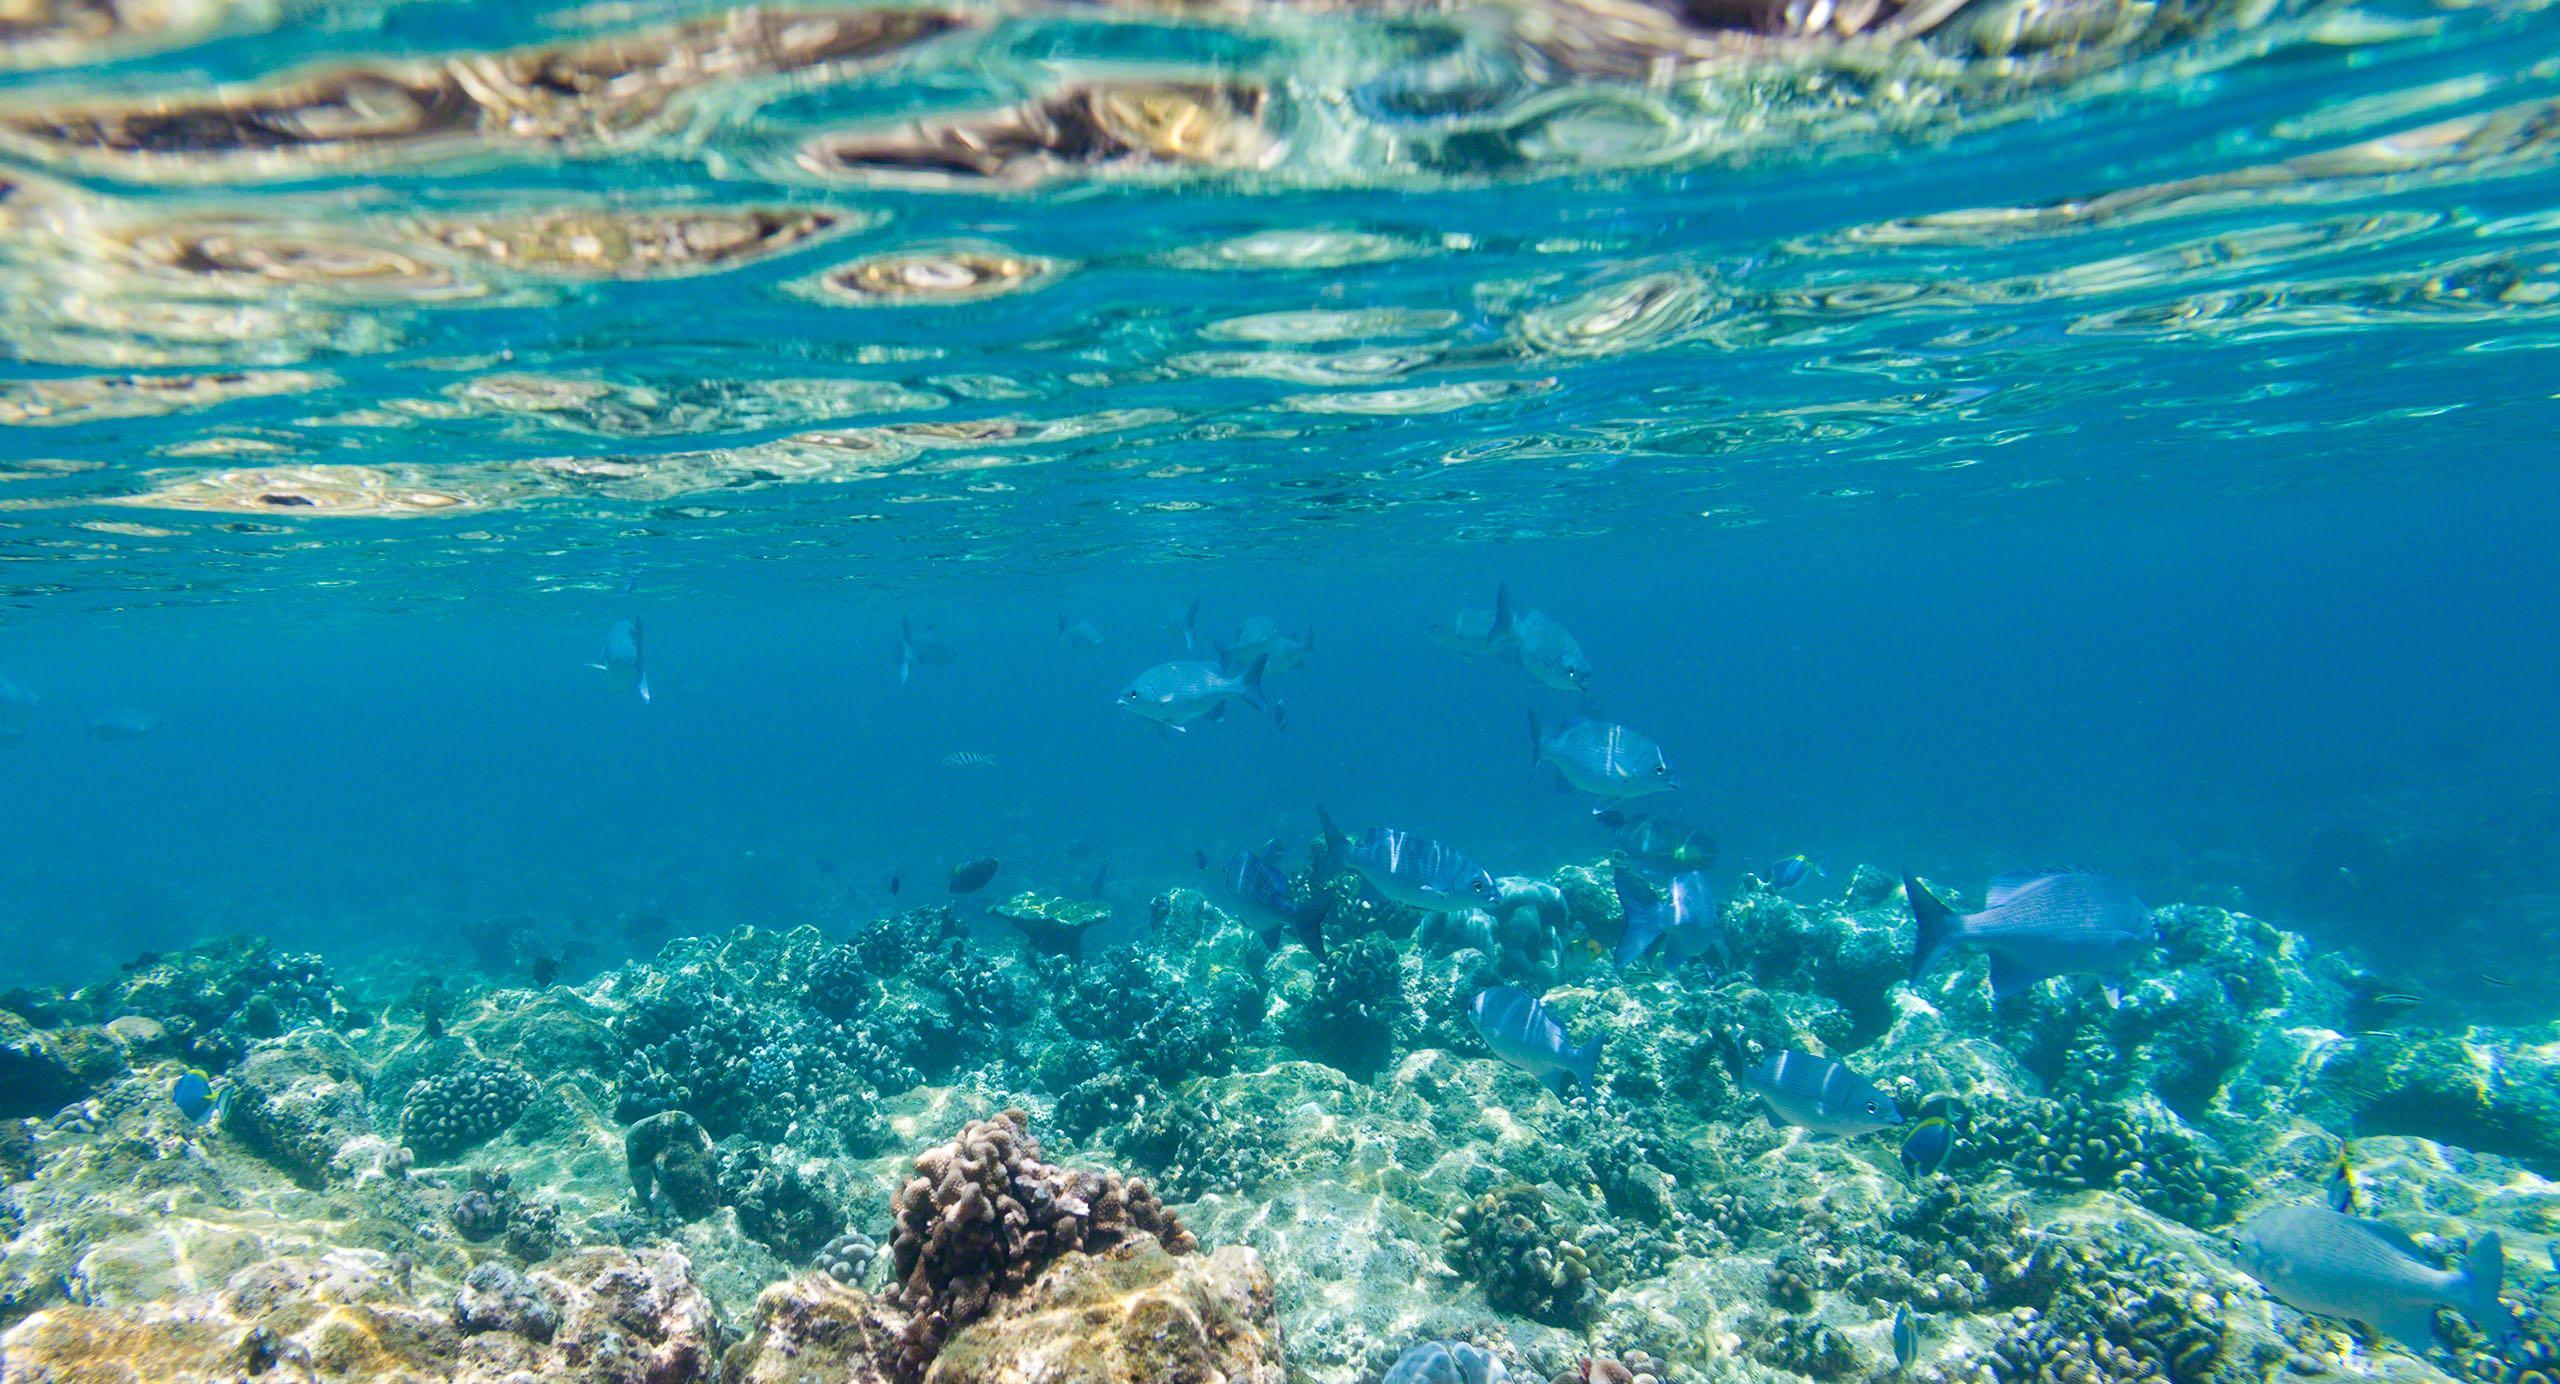 Farbenfrohe Unterwasserwelt auf Kuramathi Island Malediven.